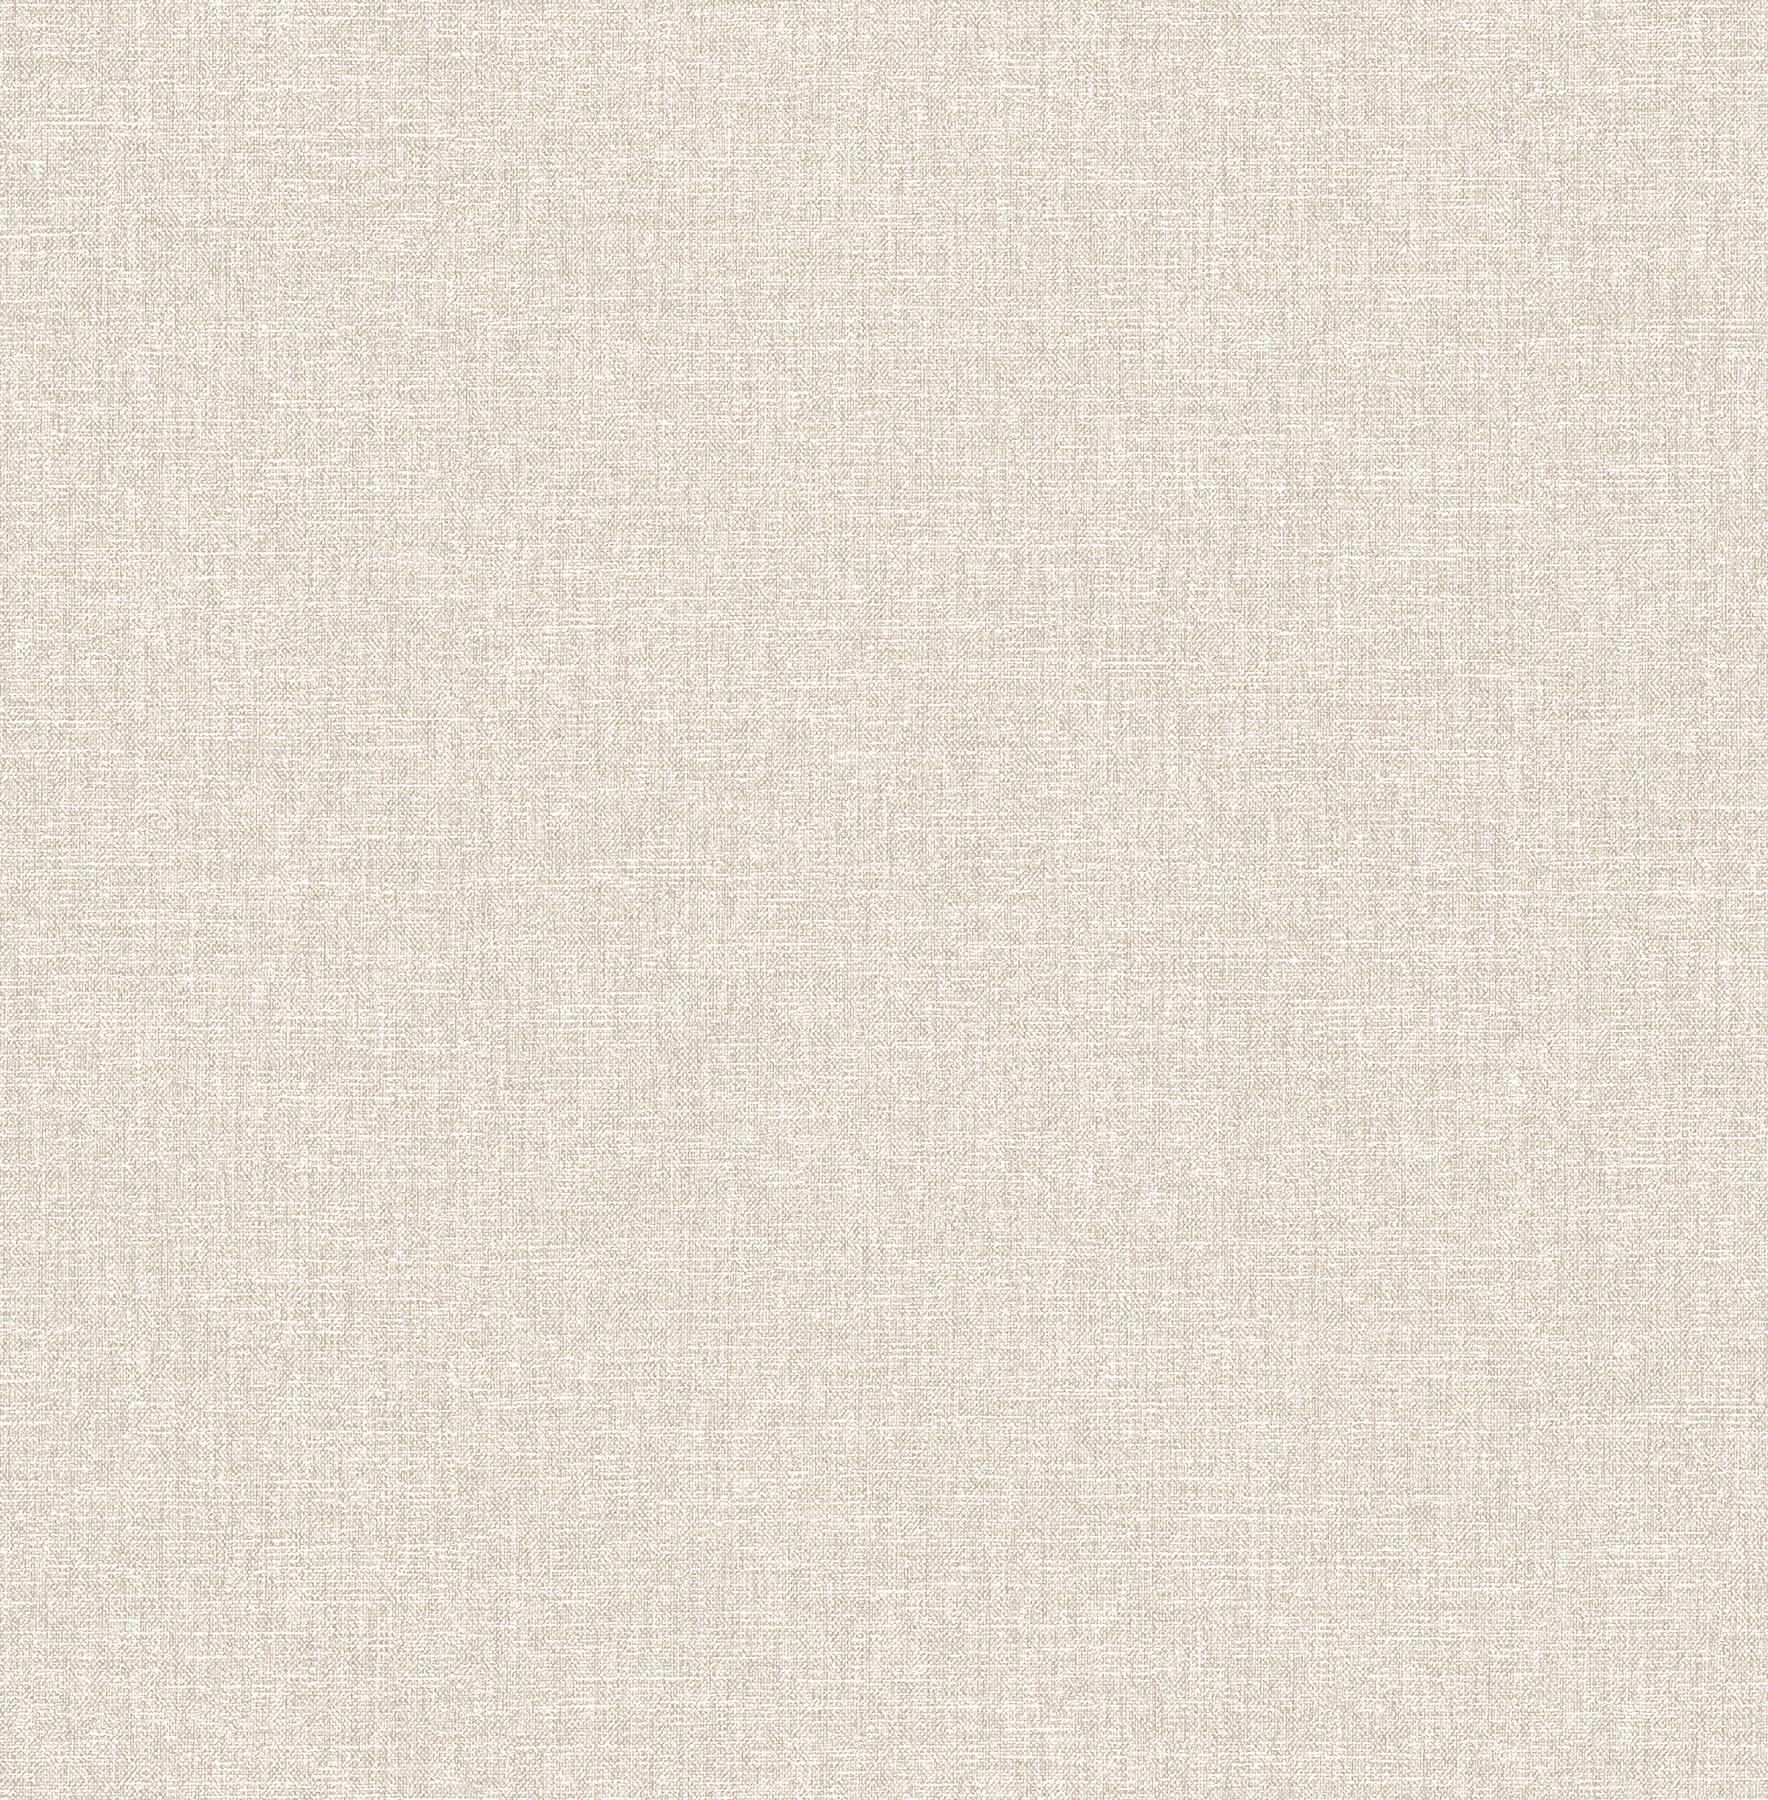 Picture of Asa Light Pink Linen Texture Wallpaper